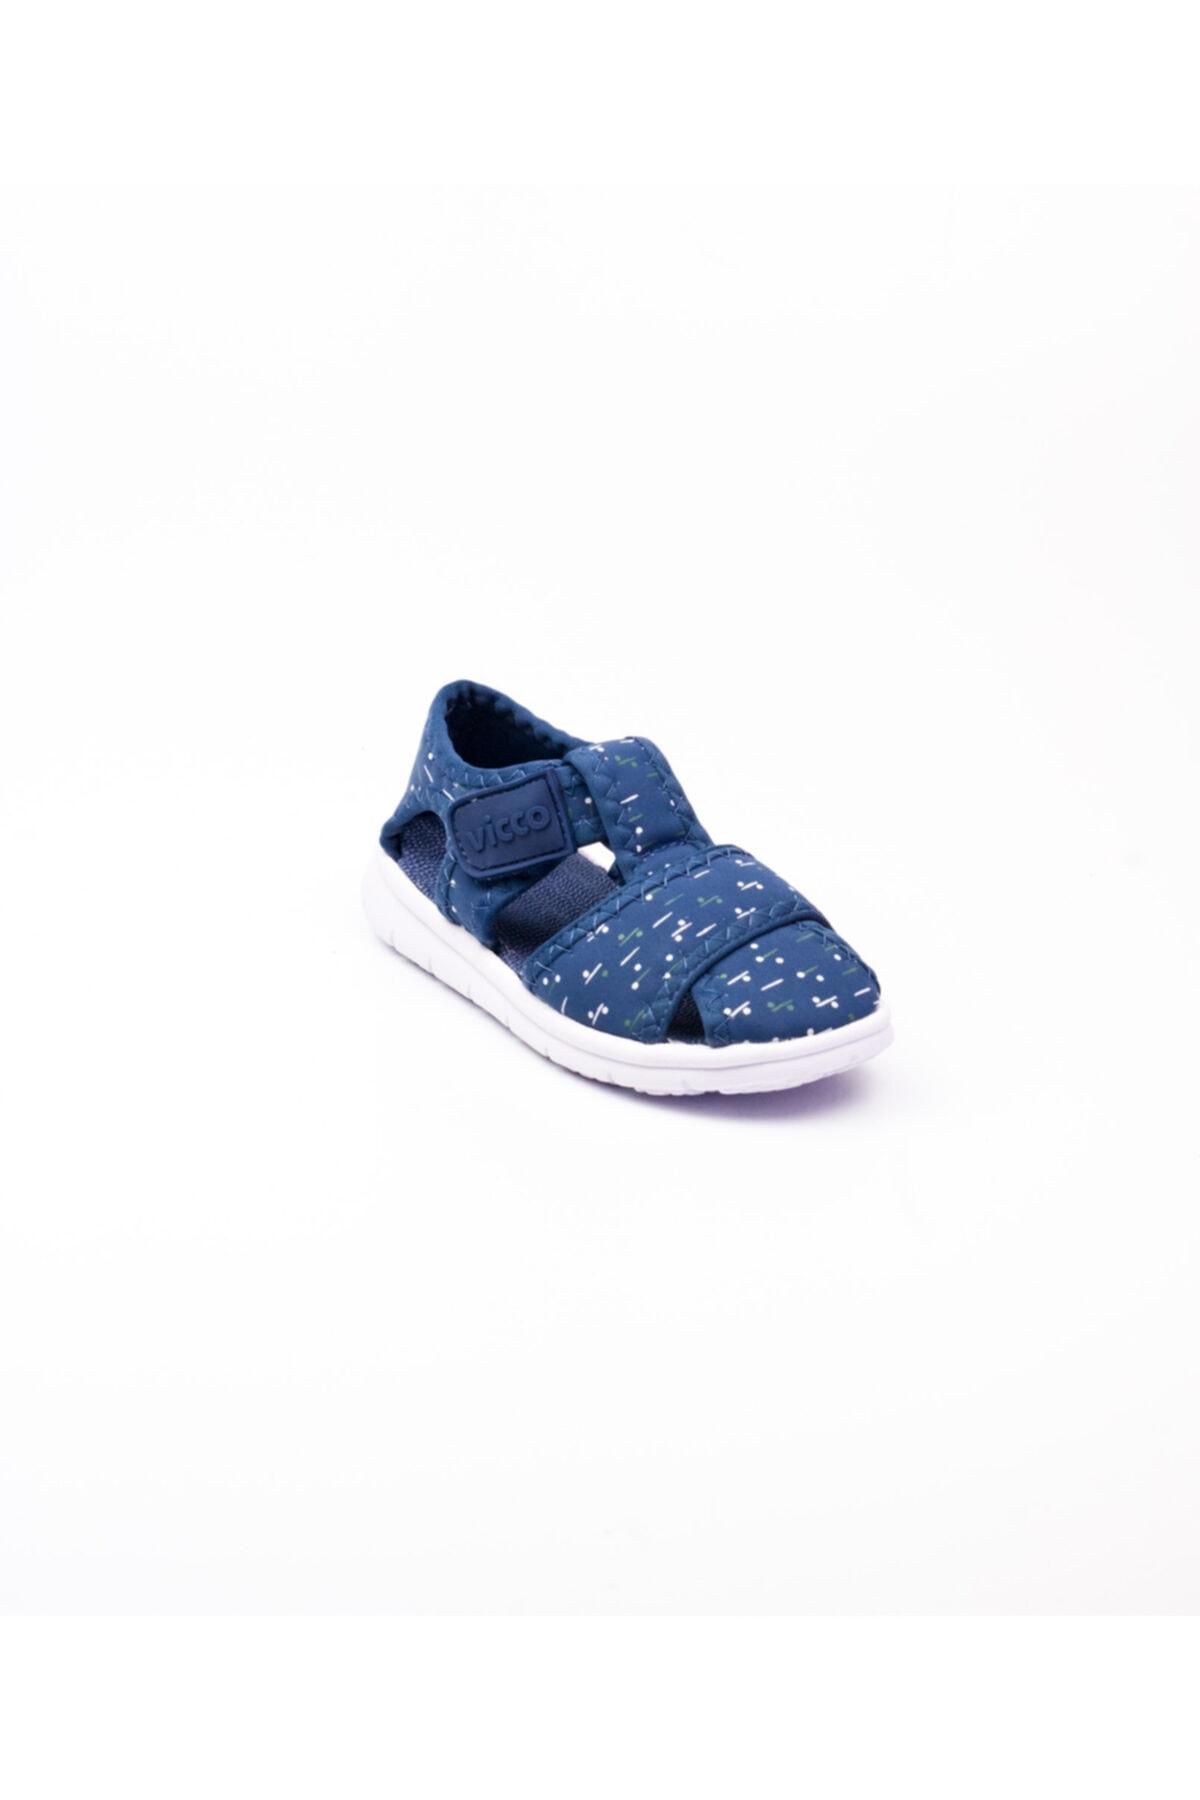 Vicco 332.p20y.306 Lacivert Unisex Çocuk Sandalet Lacivert-30 1